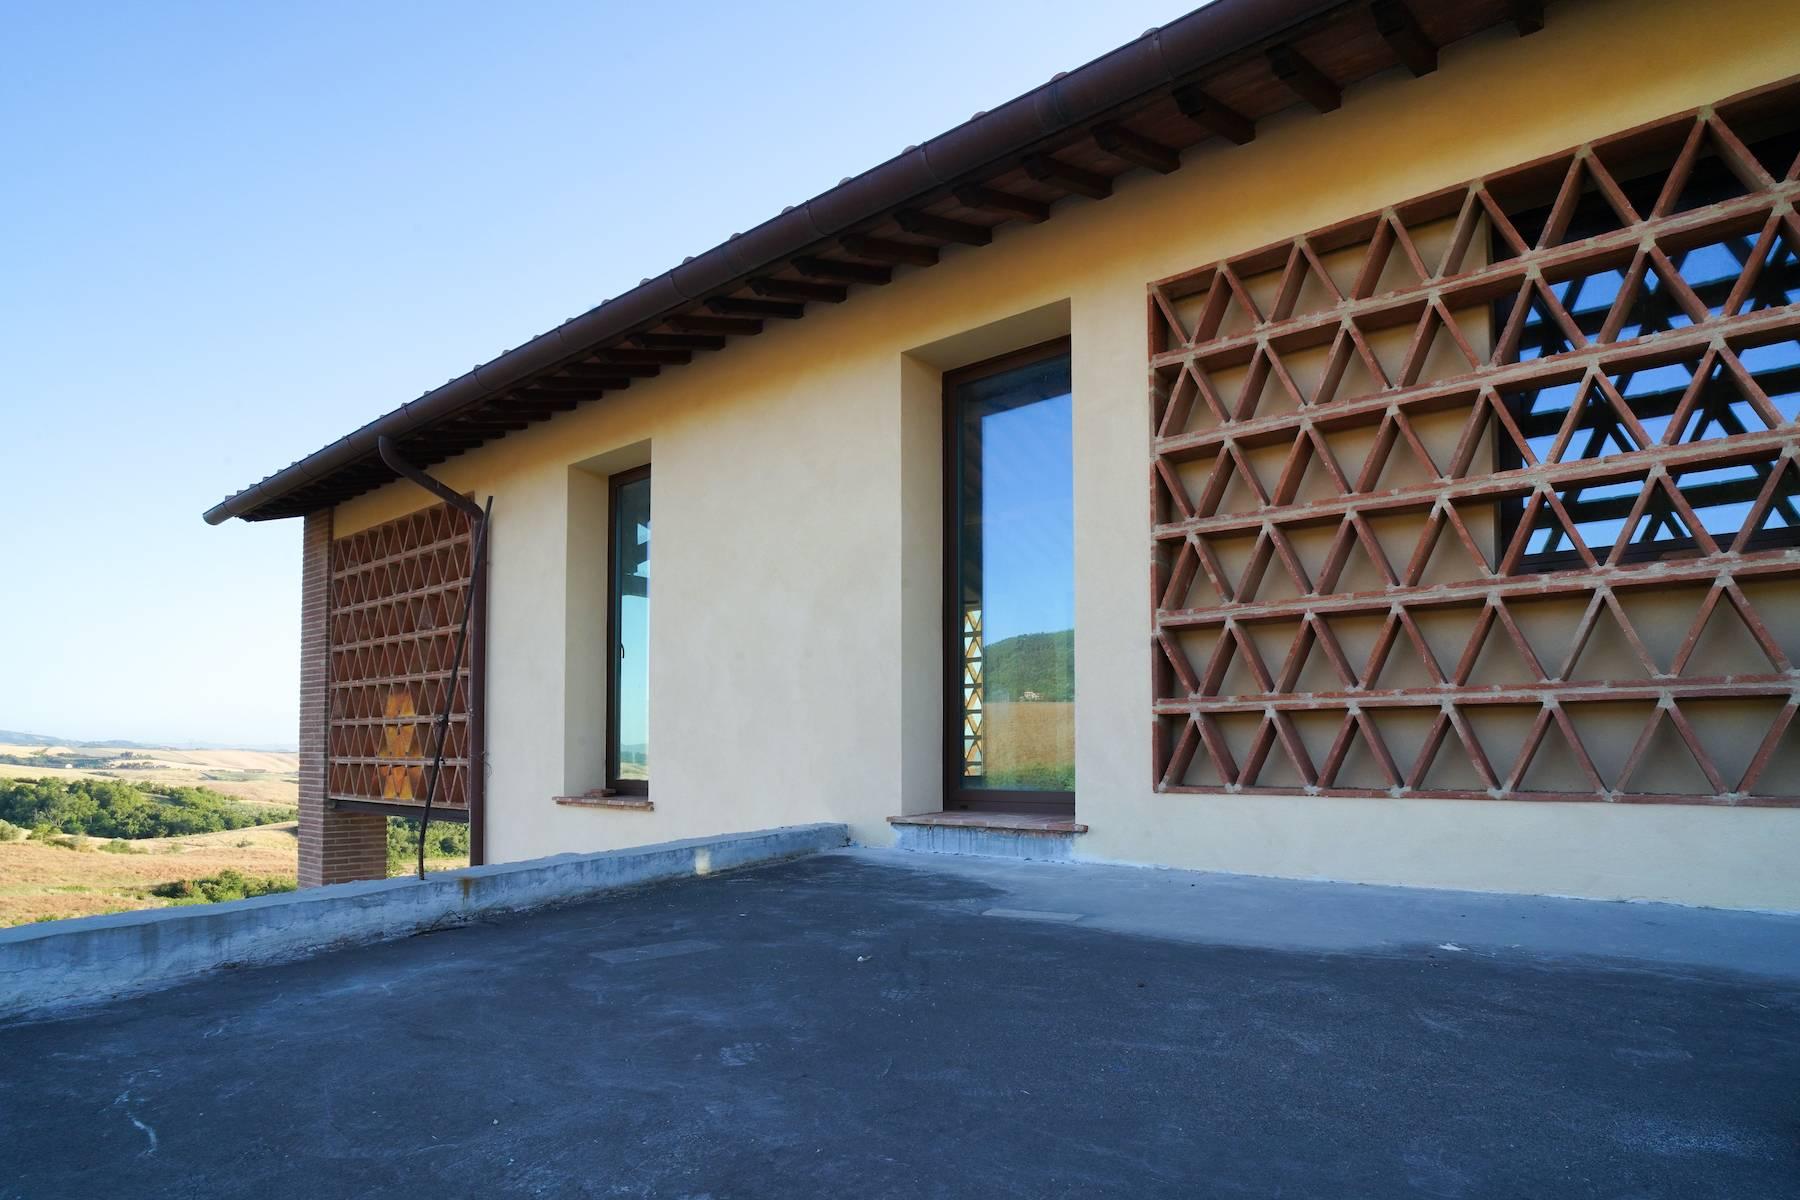 Rustico in Vendita a Montaione: 5 locali, 250 mq - Foto 19